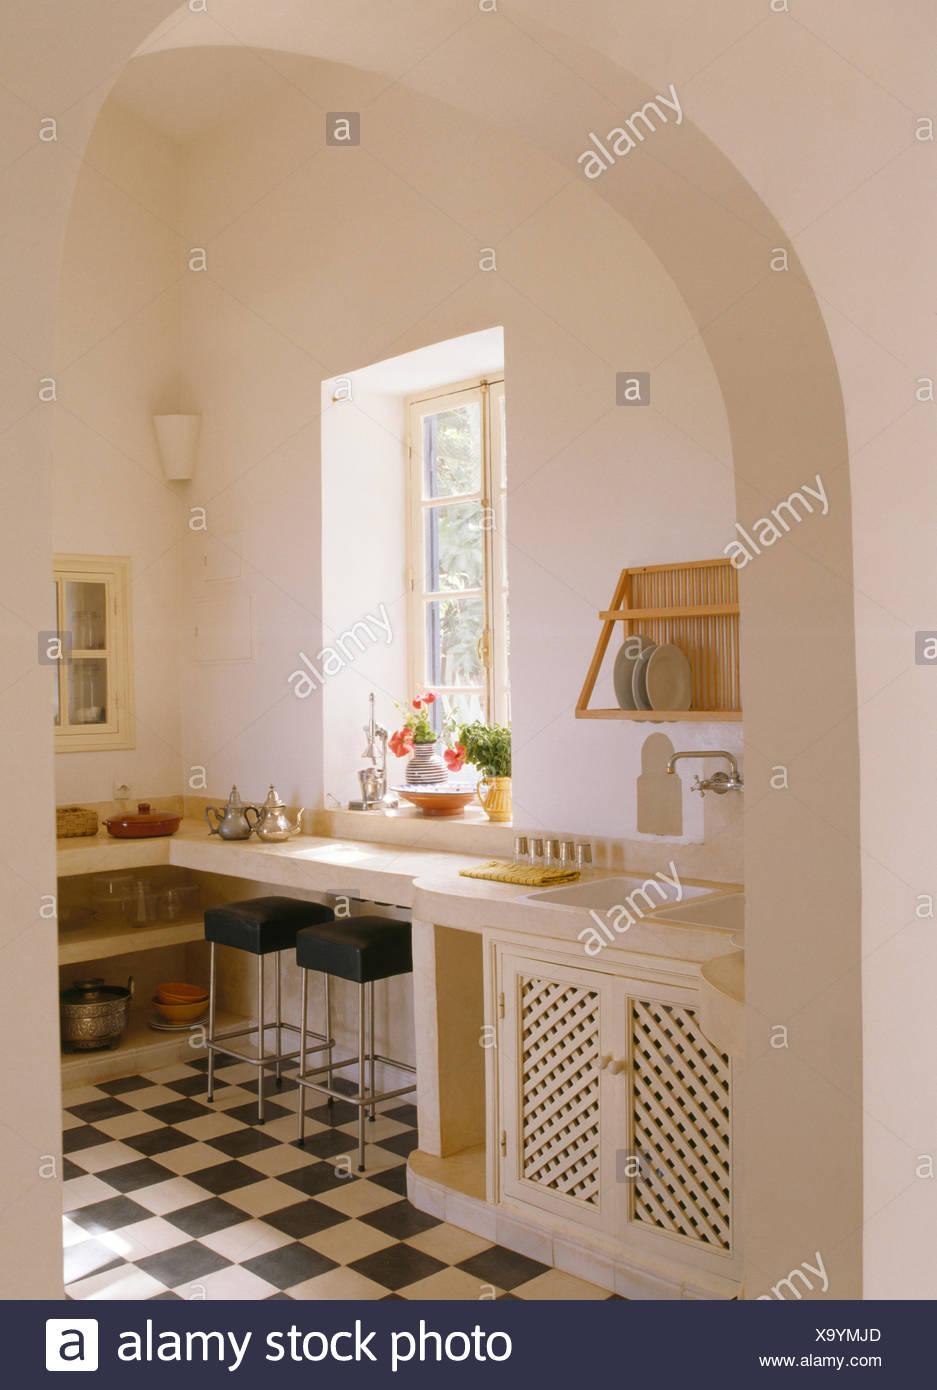 https www alamyimages fr porte voutee au blanc avec cuisine marocaine noir carrelage damier blanc image281506693 html